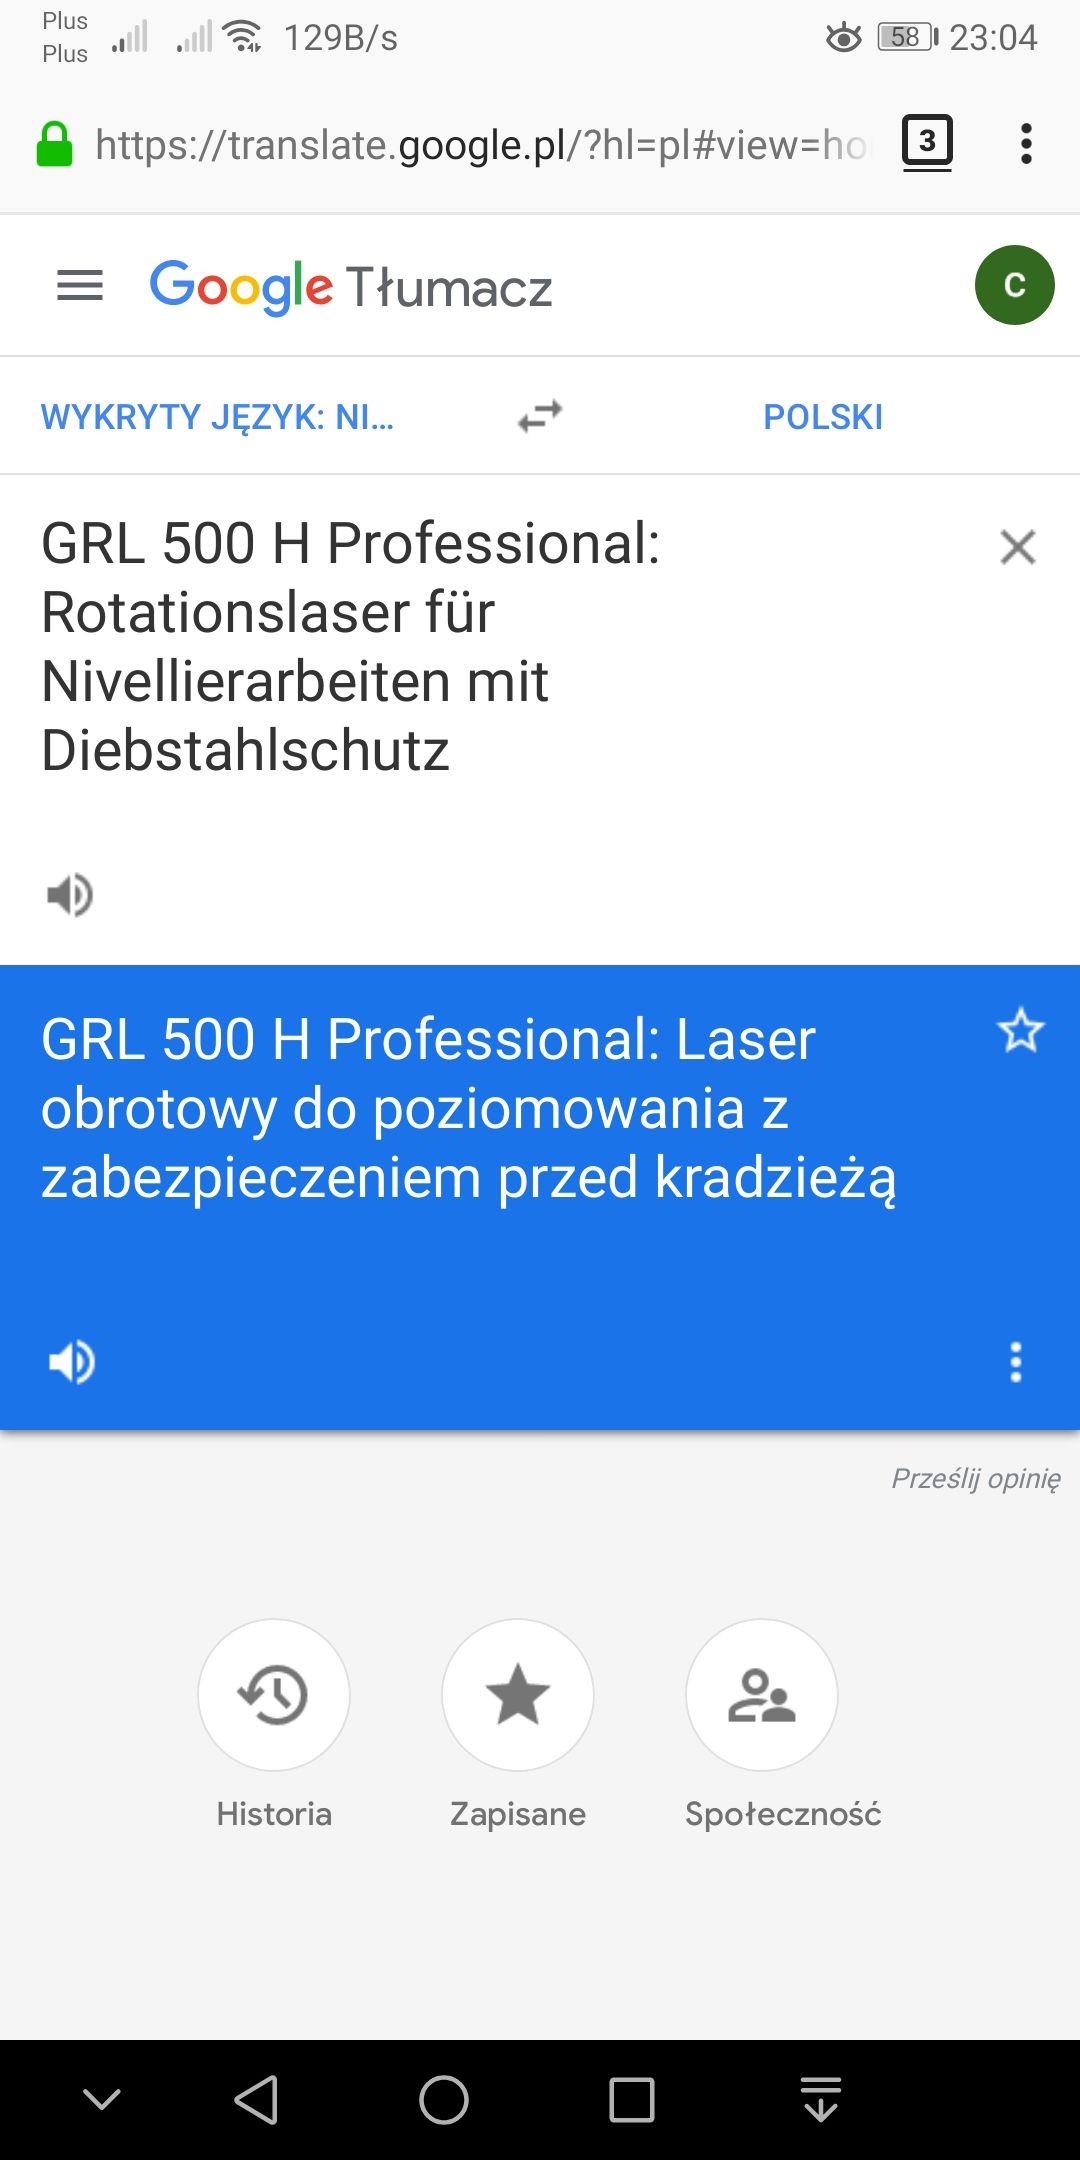 2915836.jpg